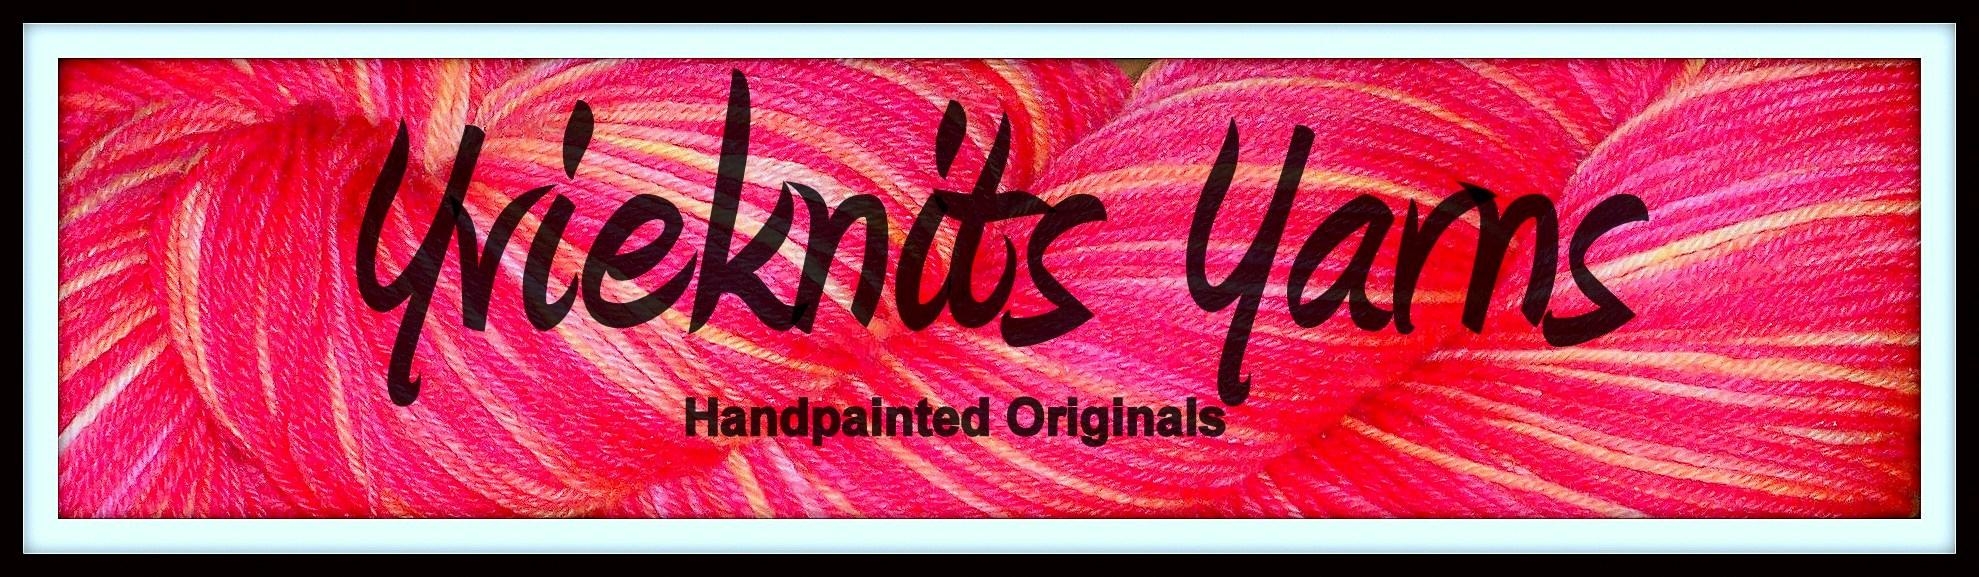 Yvieknits Yarns - Handpainted Originals